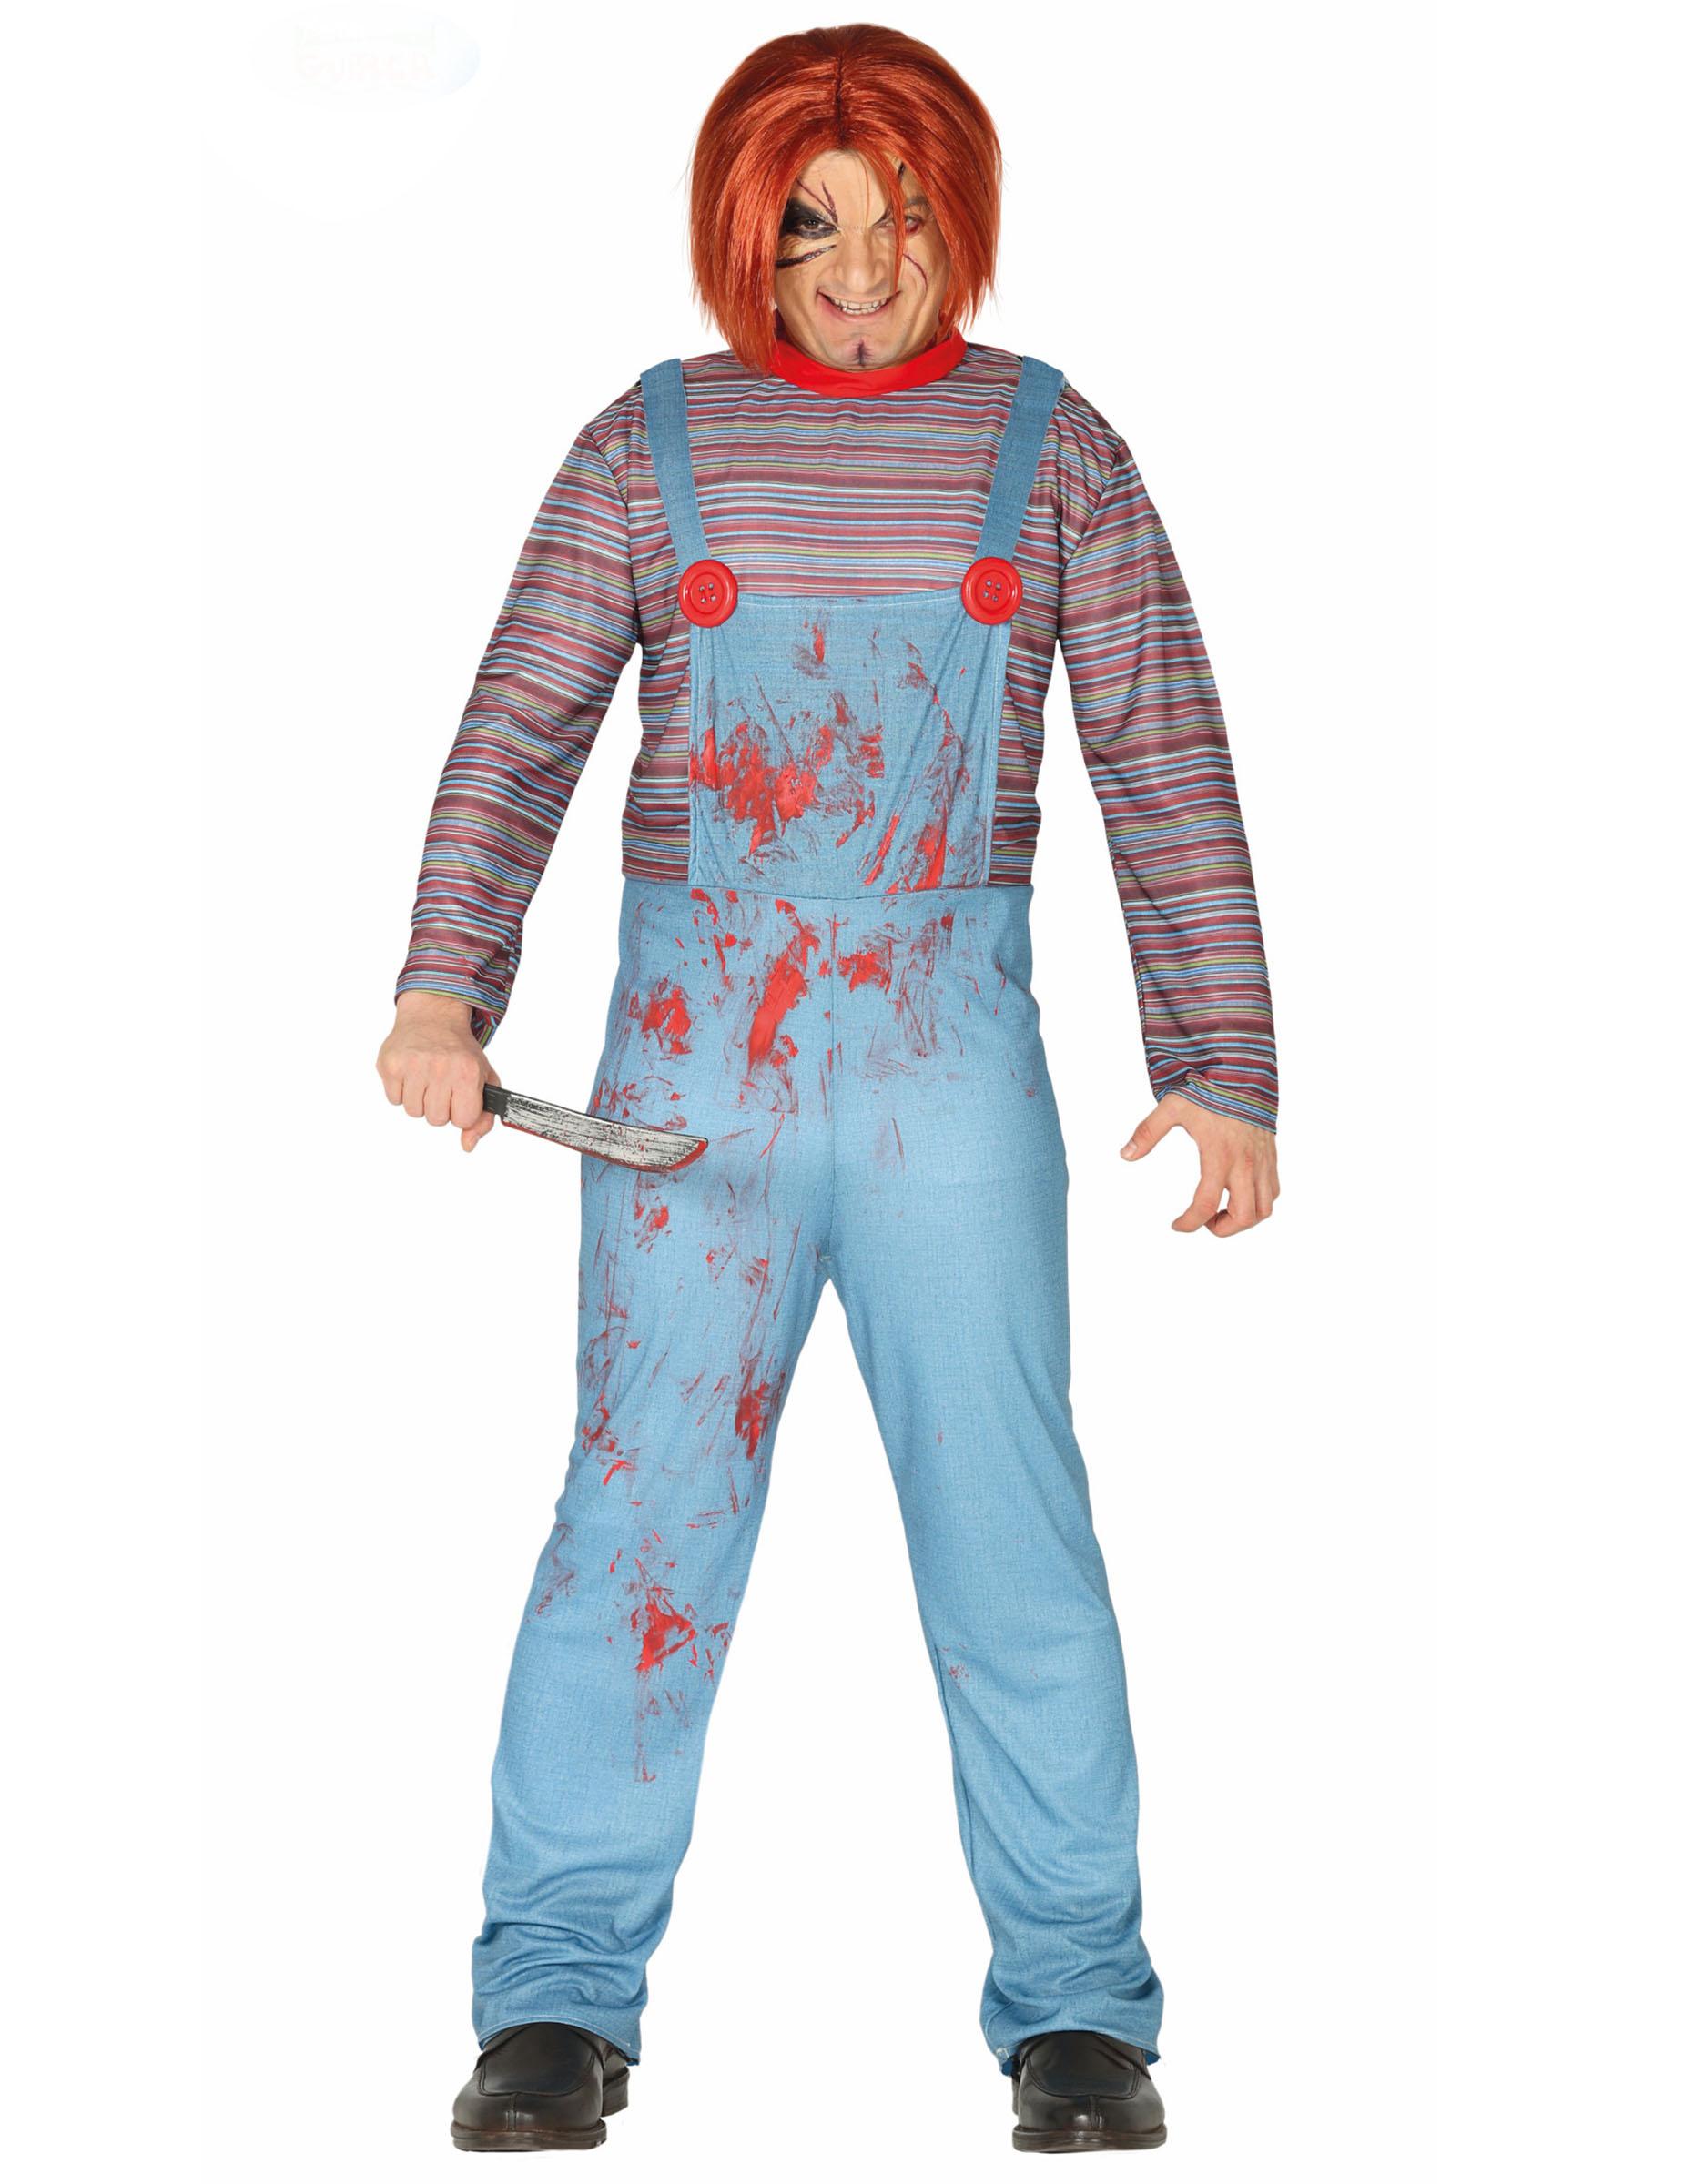 Killerpuppen-Horror-Kostüm für Erwachsene blau-rot - M (48-50) 286982